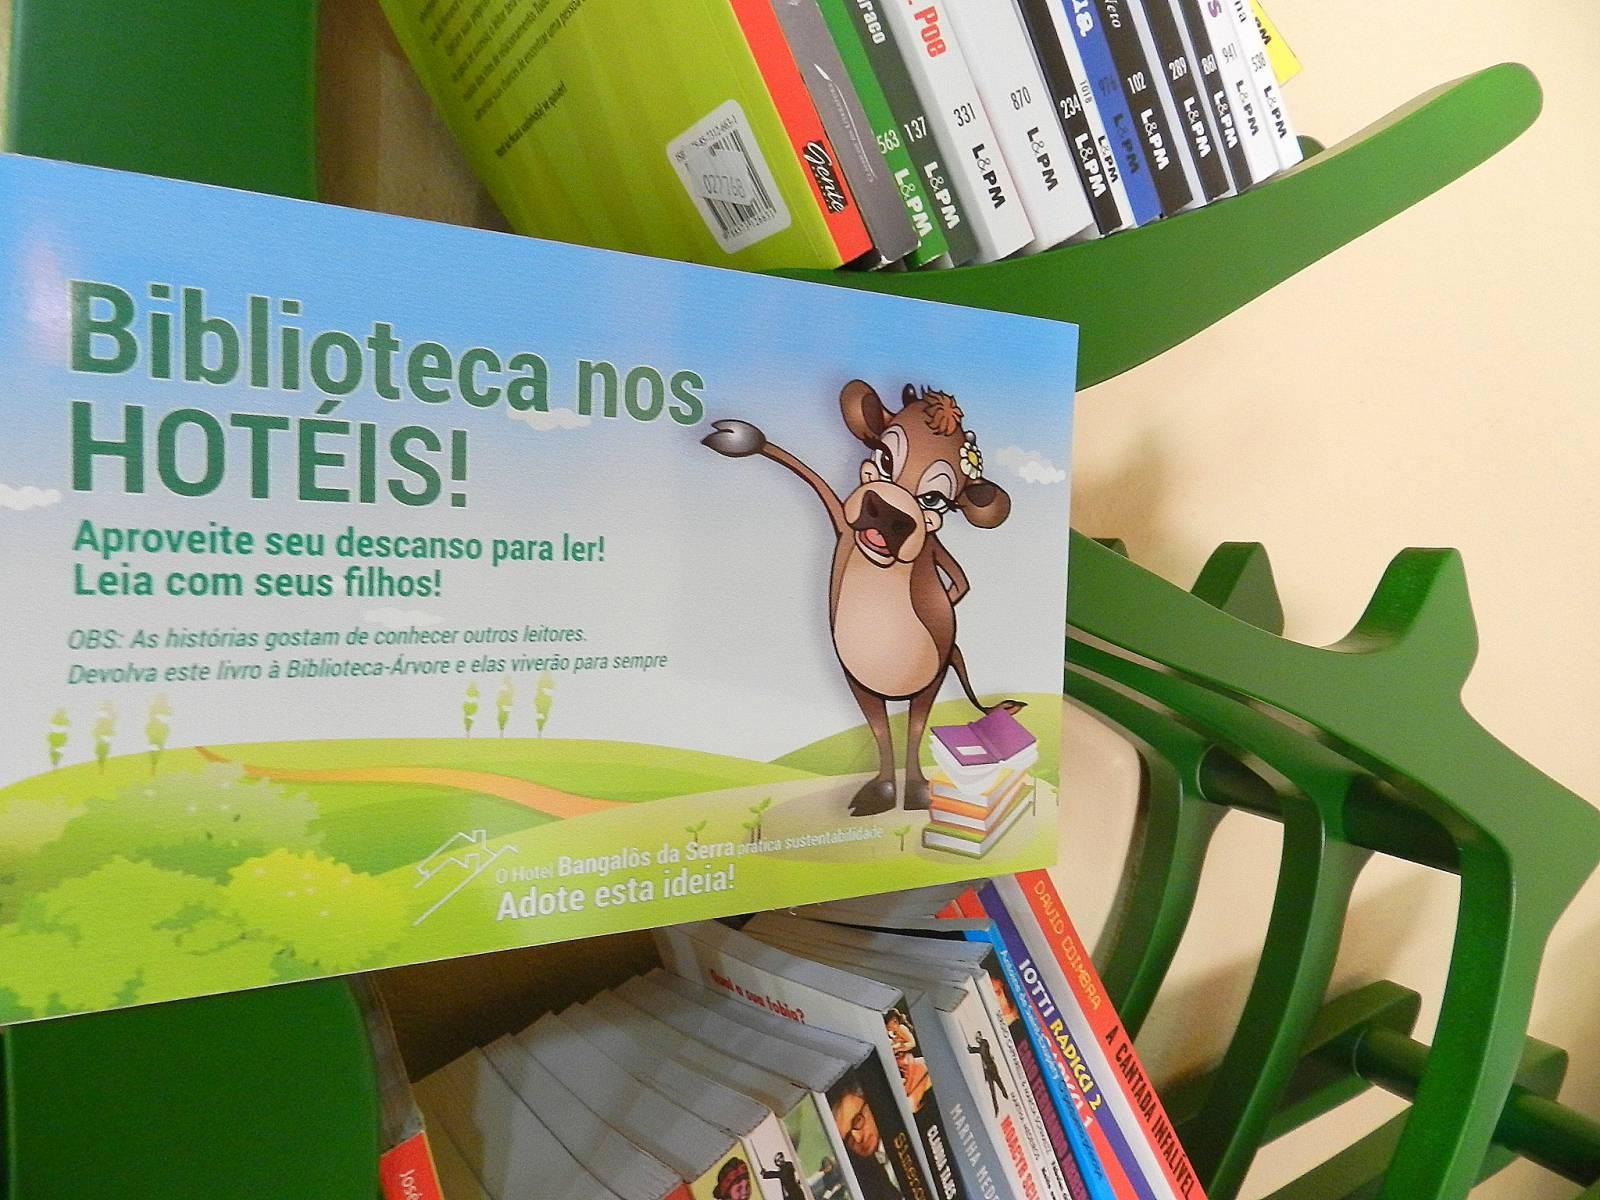 Biblioteca - Hotel Bangalôs da Serra #CurtaSuaFamilia #HotelSustentavel #TurismoVerde #TravelersChoice #EcoLider #Gramado